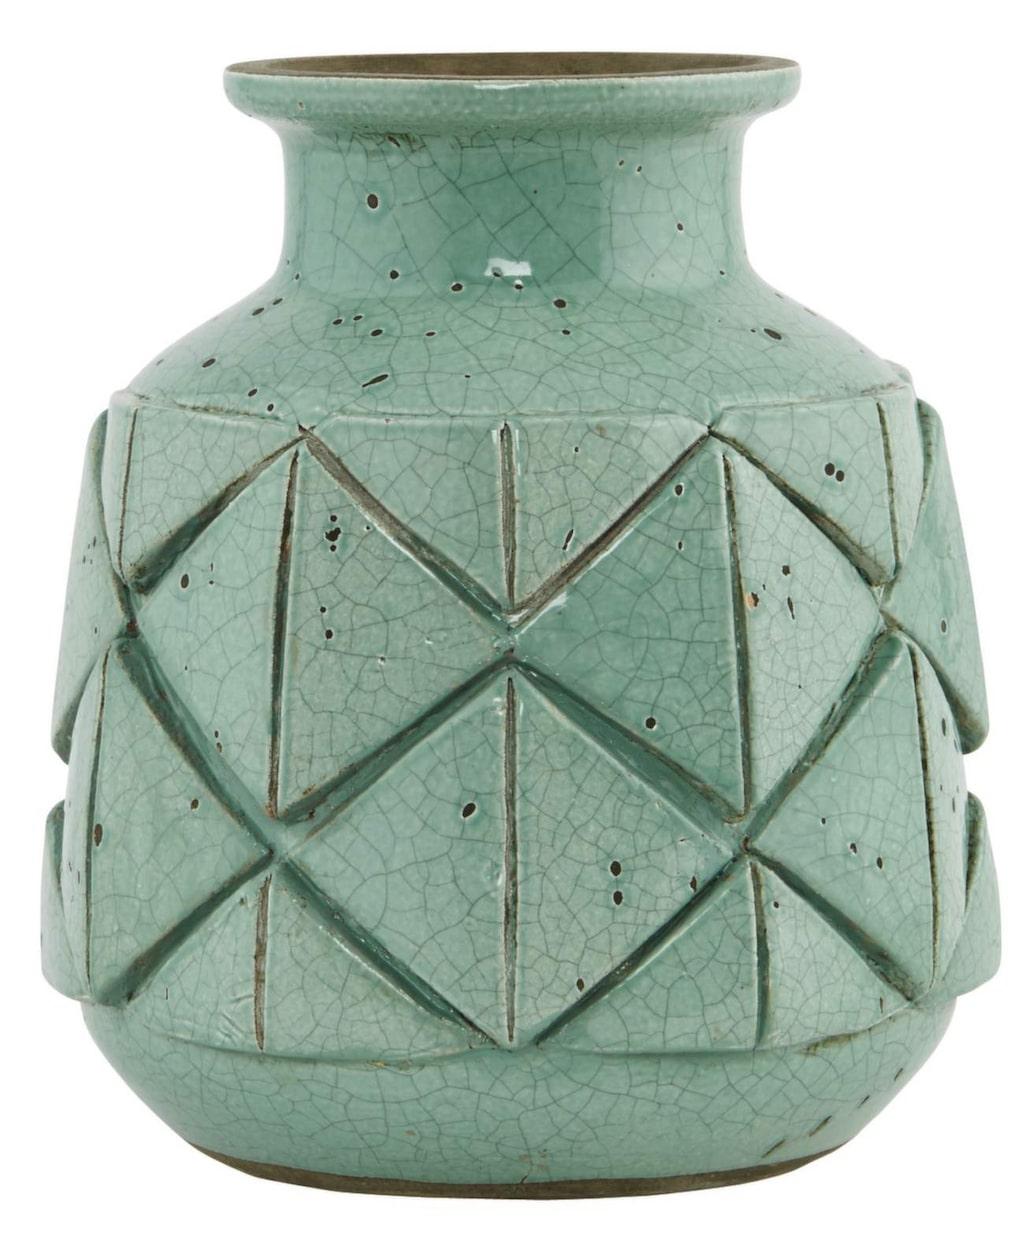 50-talsstil. Grön keramikvas från House doctor, 18 centimeter i diameter, 20 centimeter hög, 349 kronor, Milq.se.